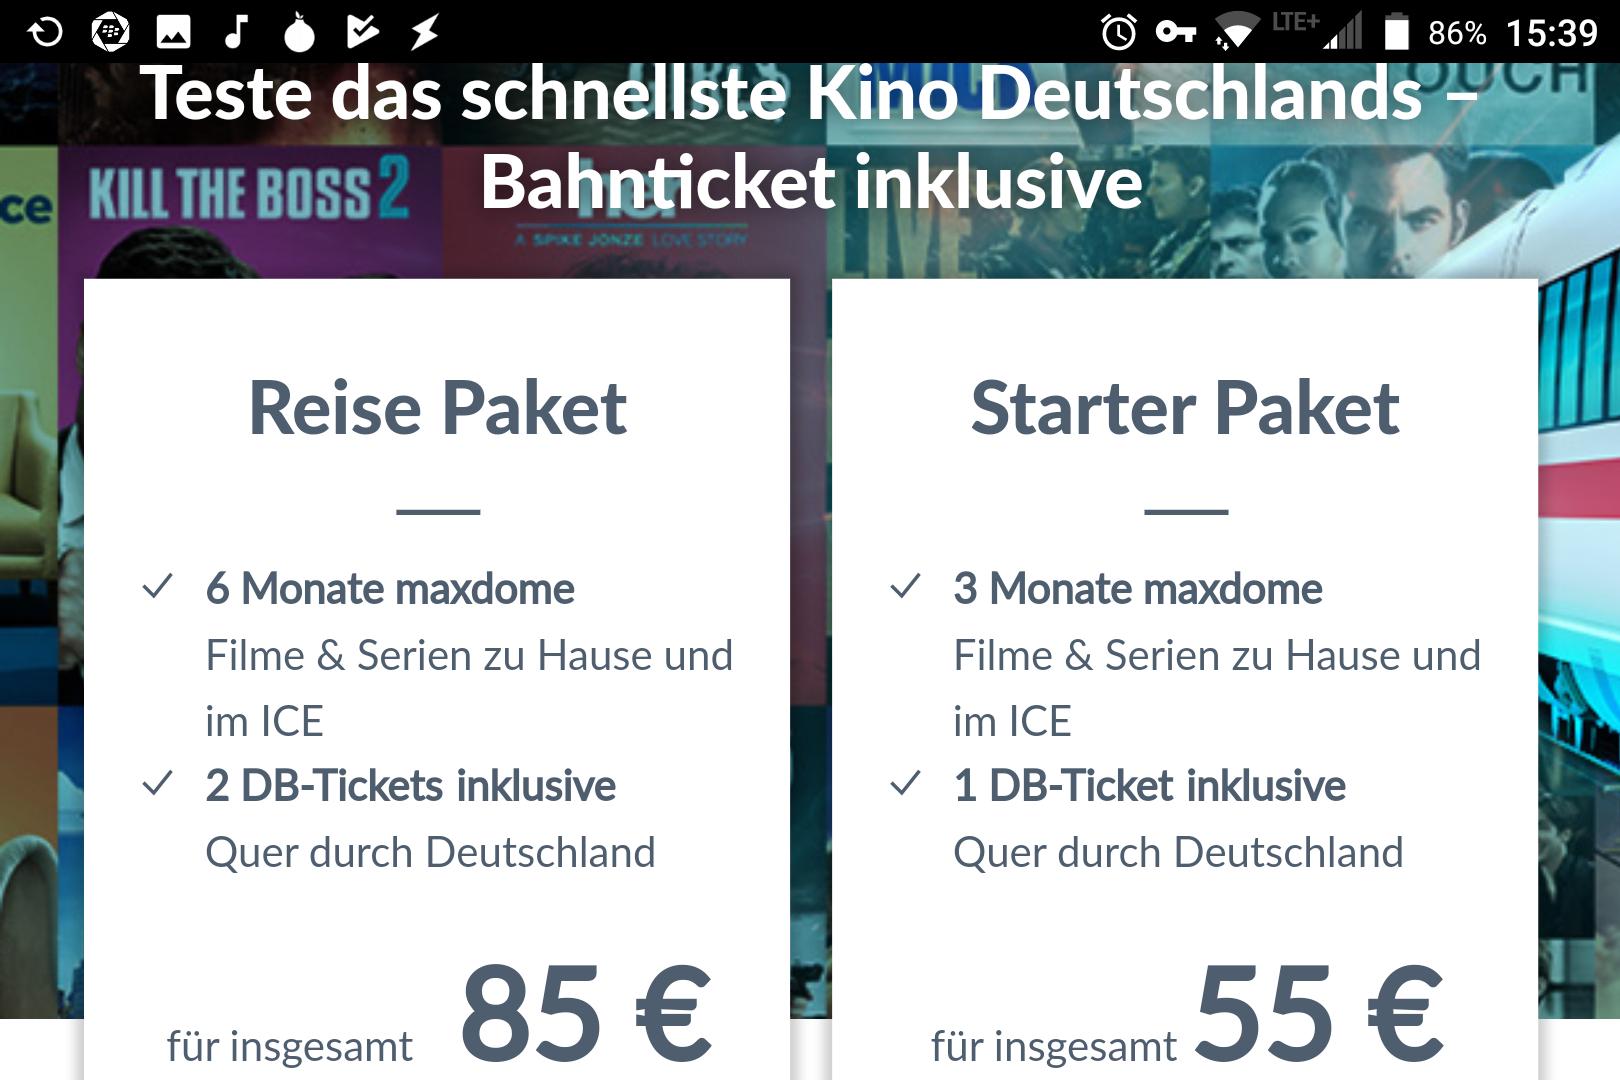 Deutsche Bahn MYTRAIN / MAXDOME DB ICE Freifahrt (begrenzte Verfügbarkeit) wieder für 42,50€ über 6 Monate Maxdome Abonnement und Kauf von mind. 2 Codes / Gutscheine anstatt über Mytrain